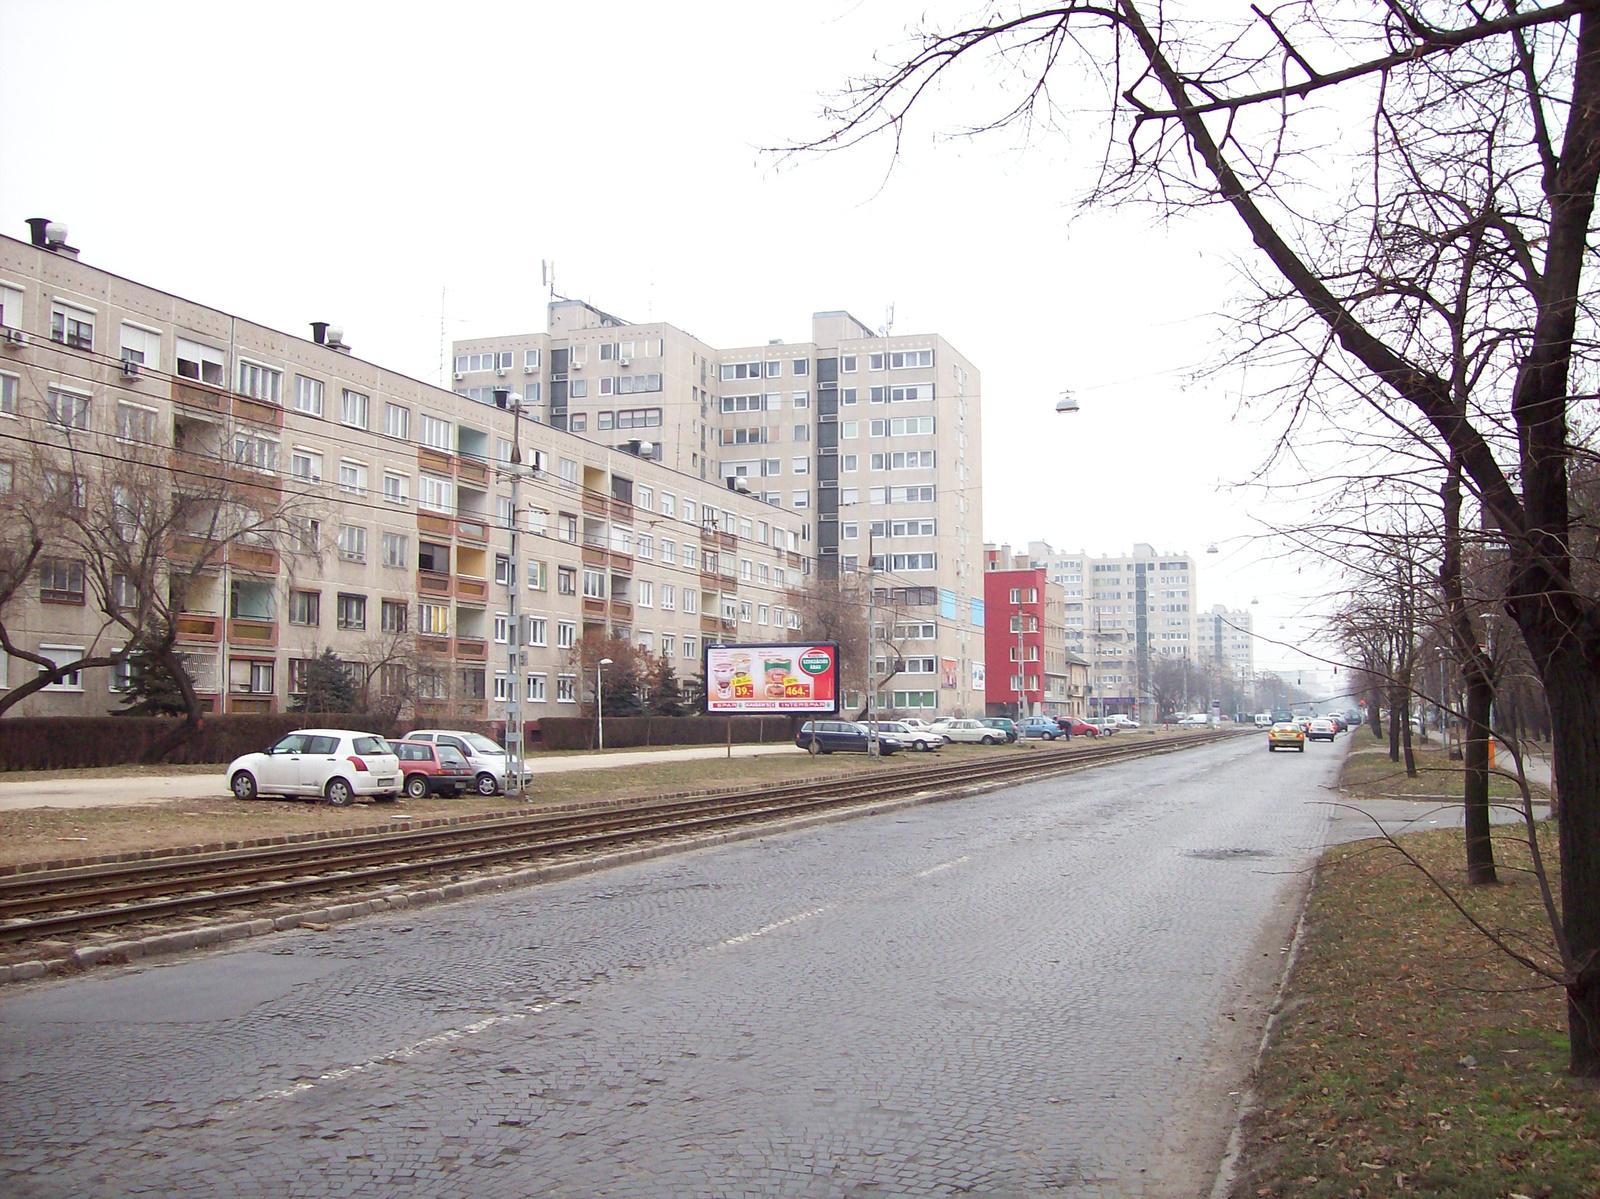 Panelházsor, de nem lakótelep